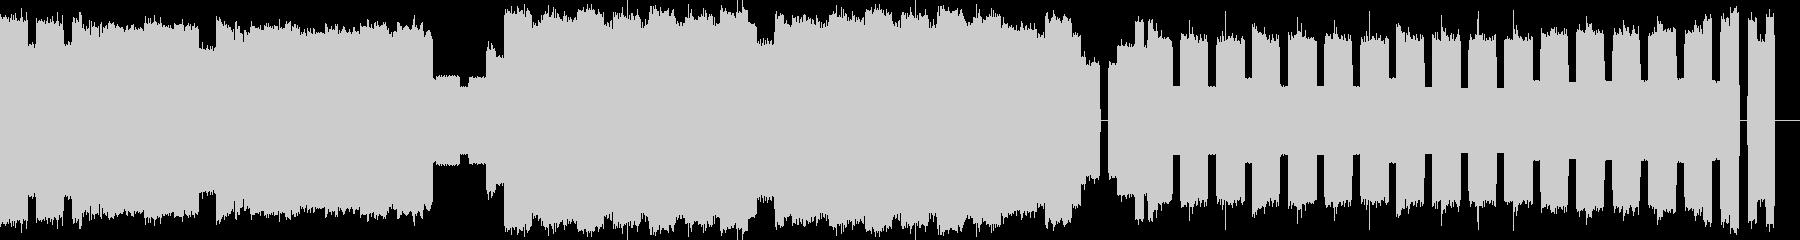 ファミコン風ファンファーレの未再生の波形